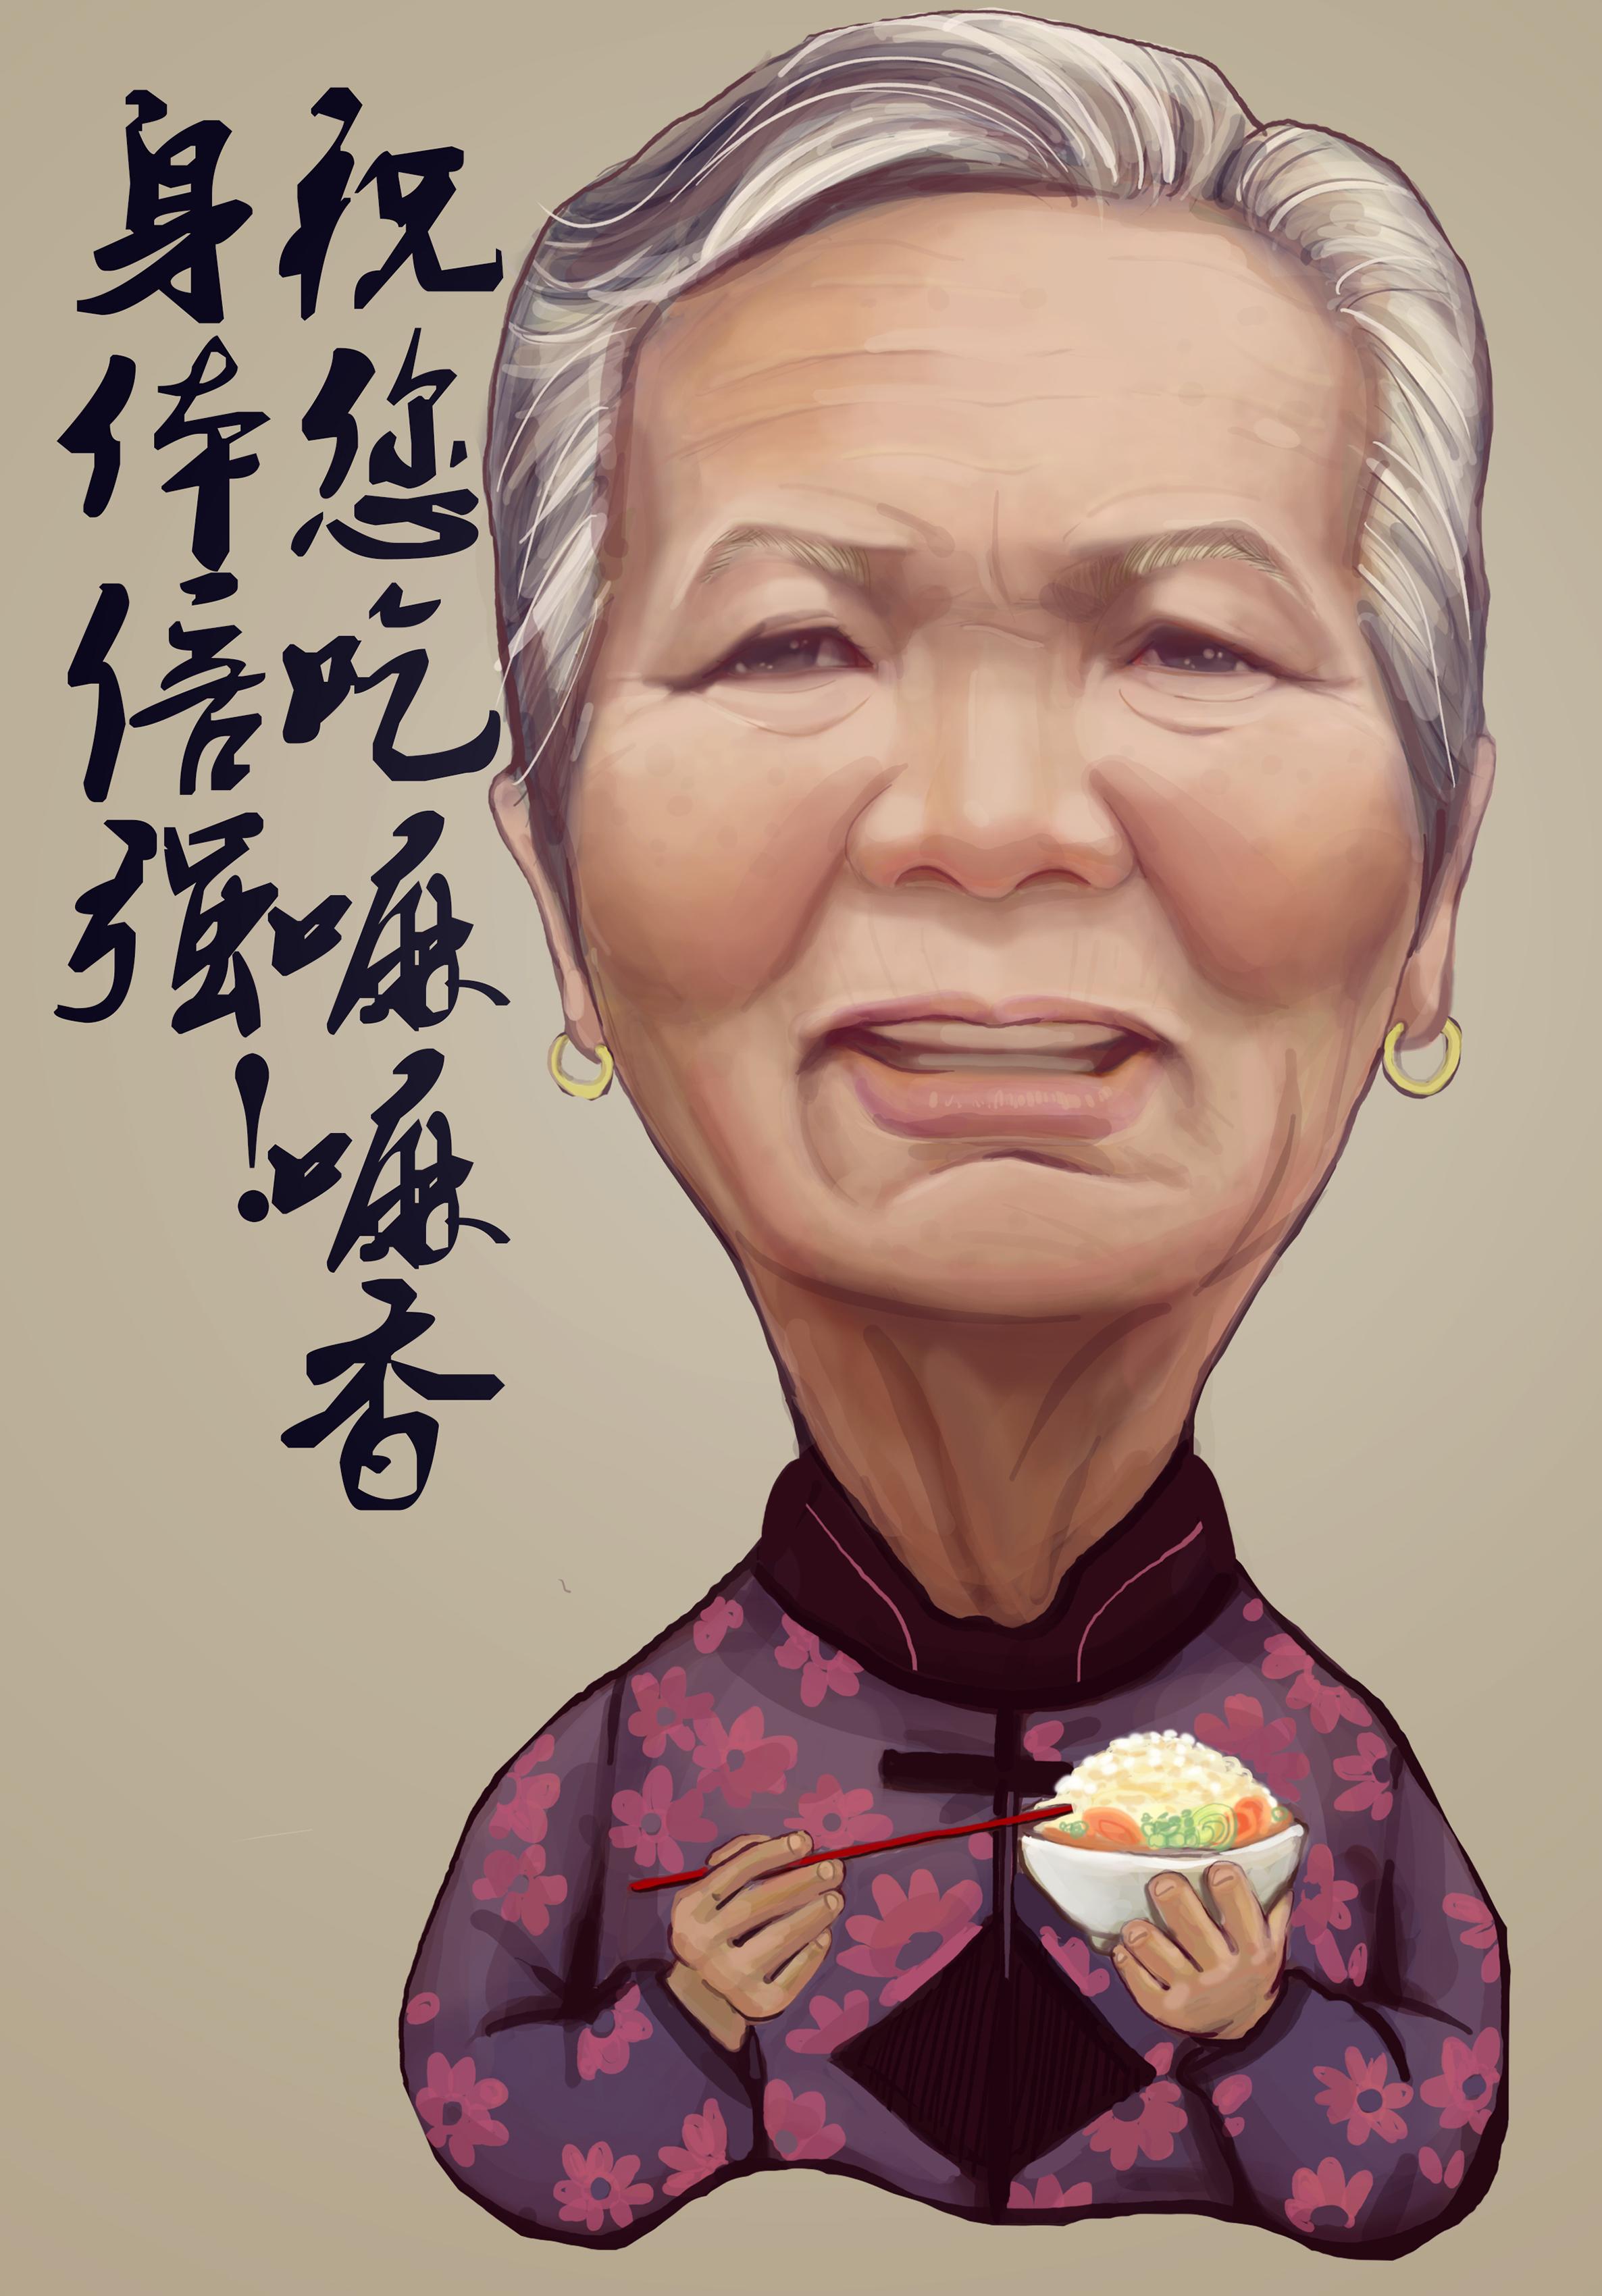 老奶奶 肖像漫画